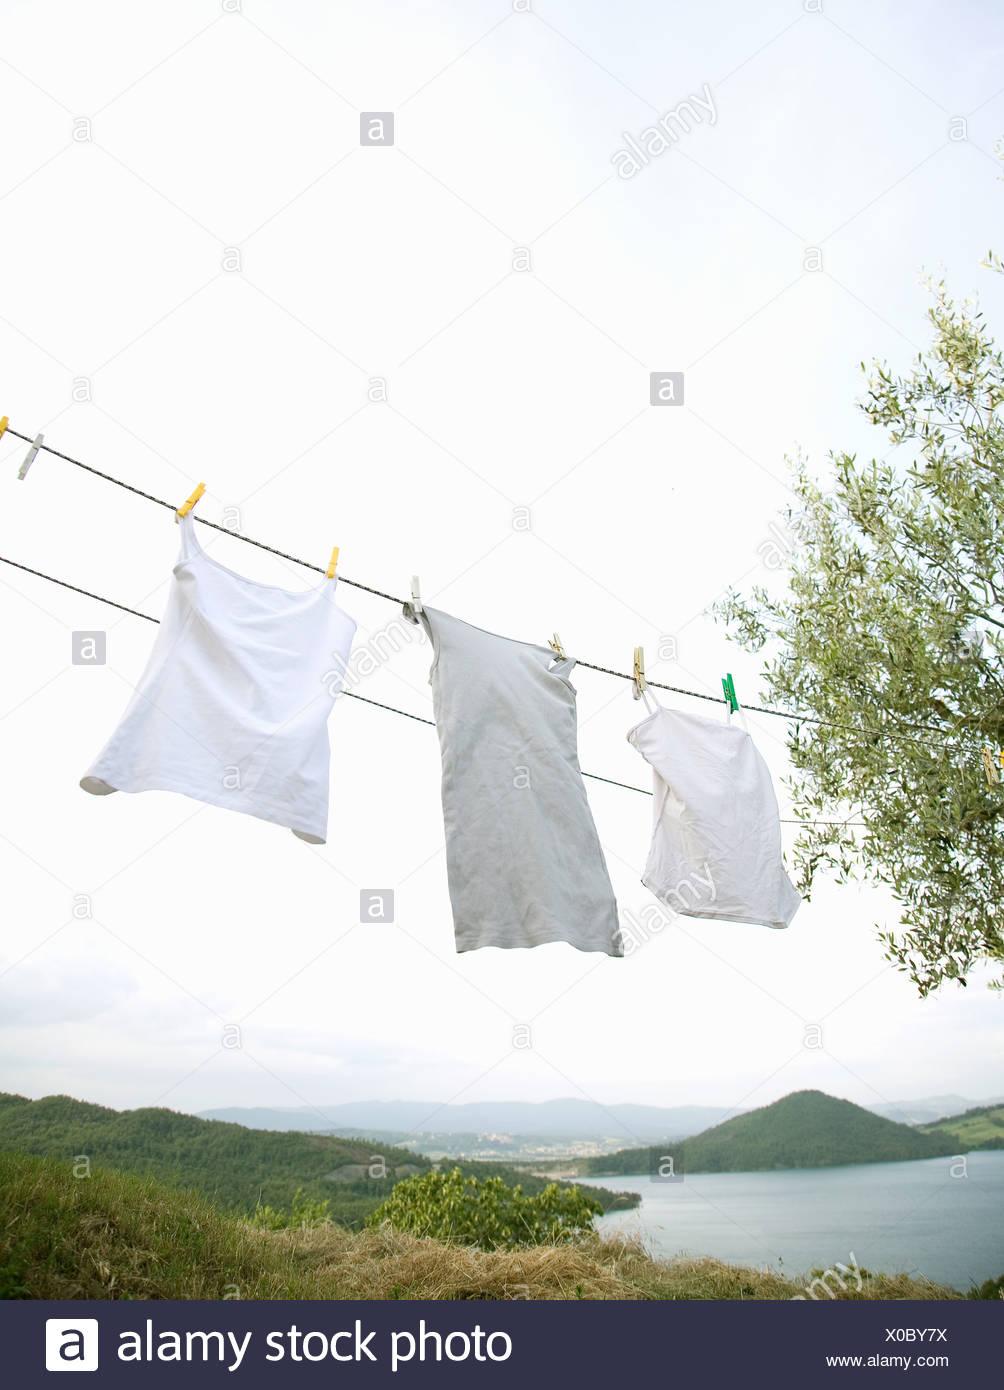 Laver blanc accroché à la ligne Photo Stock